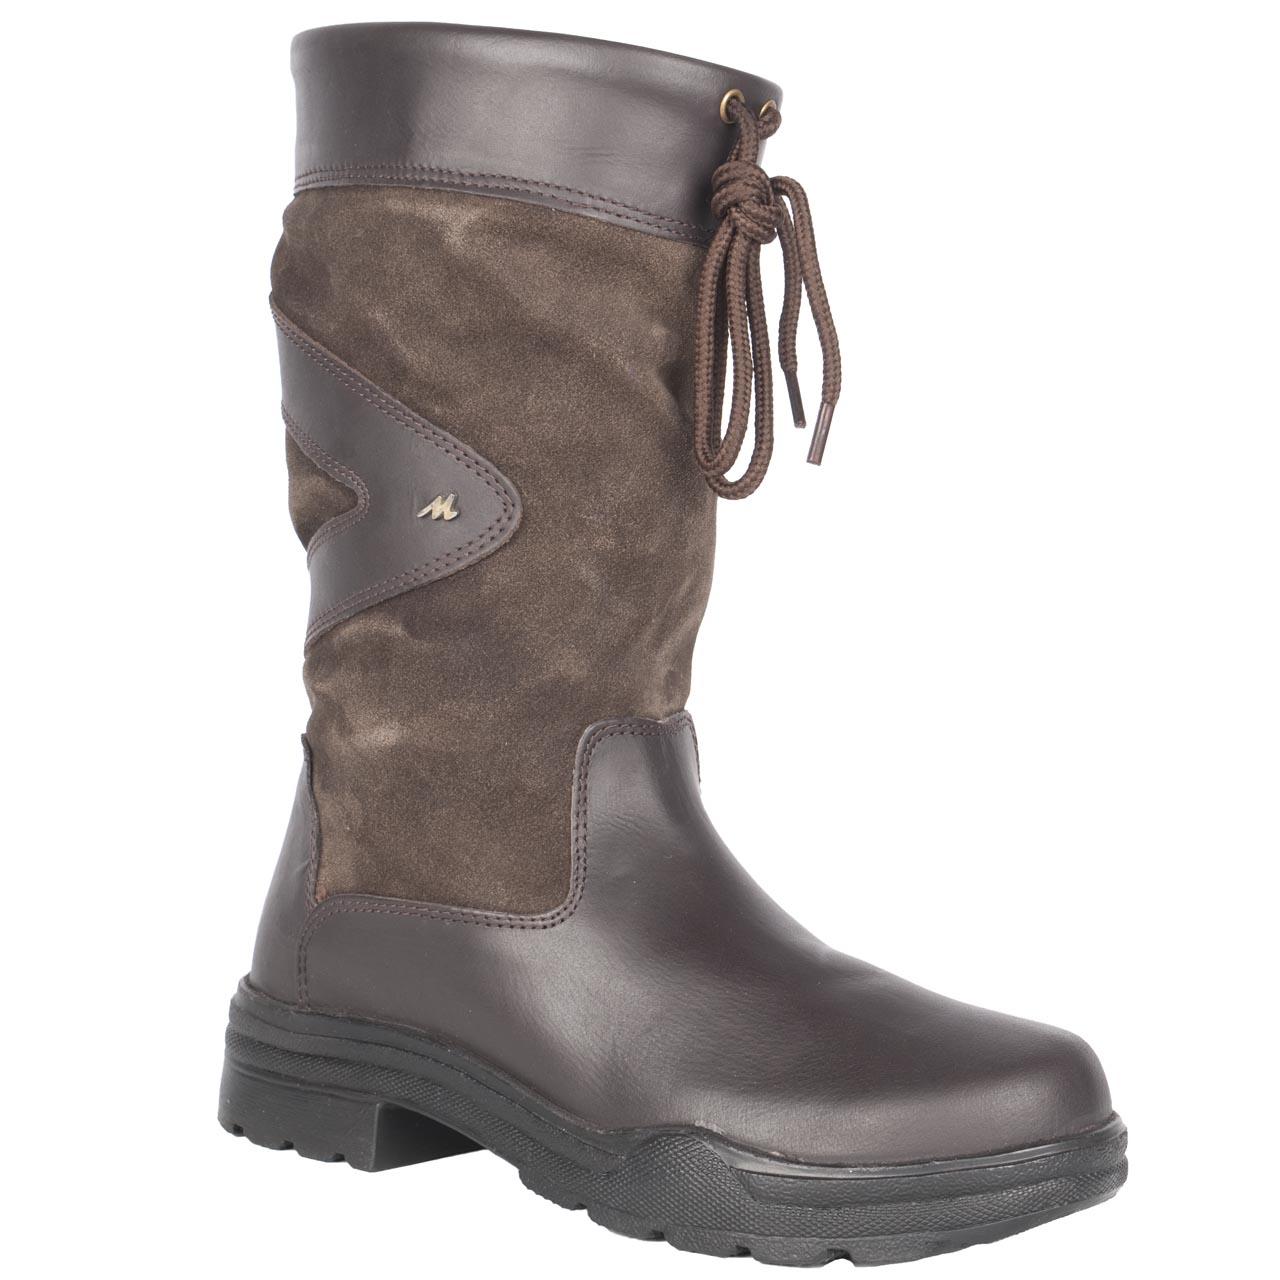 Mondoni Outdoor II laarzen bruin maat:40